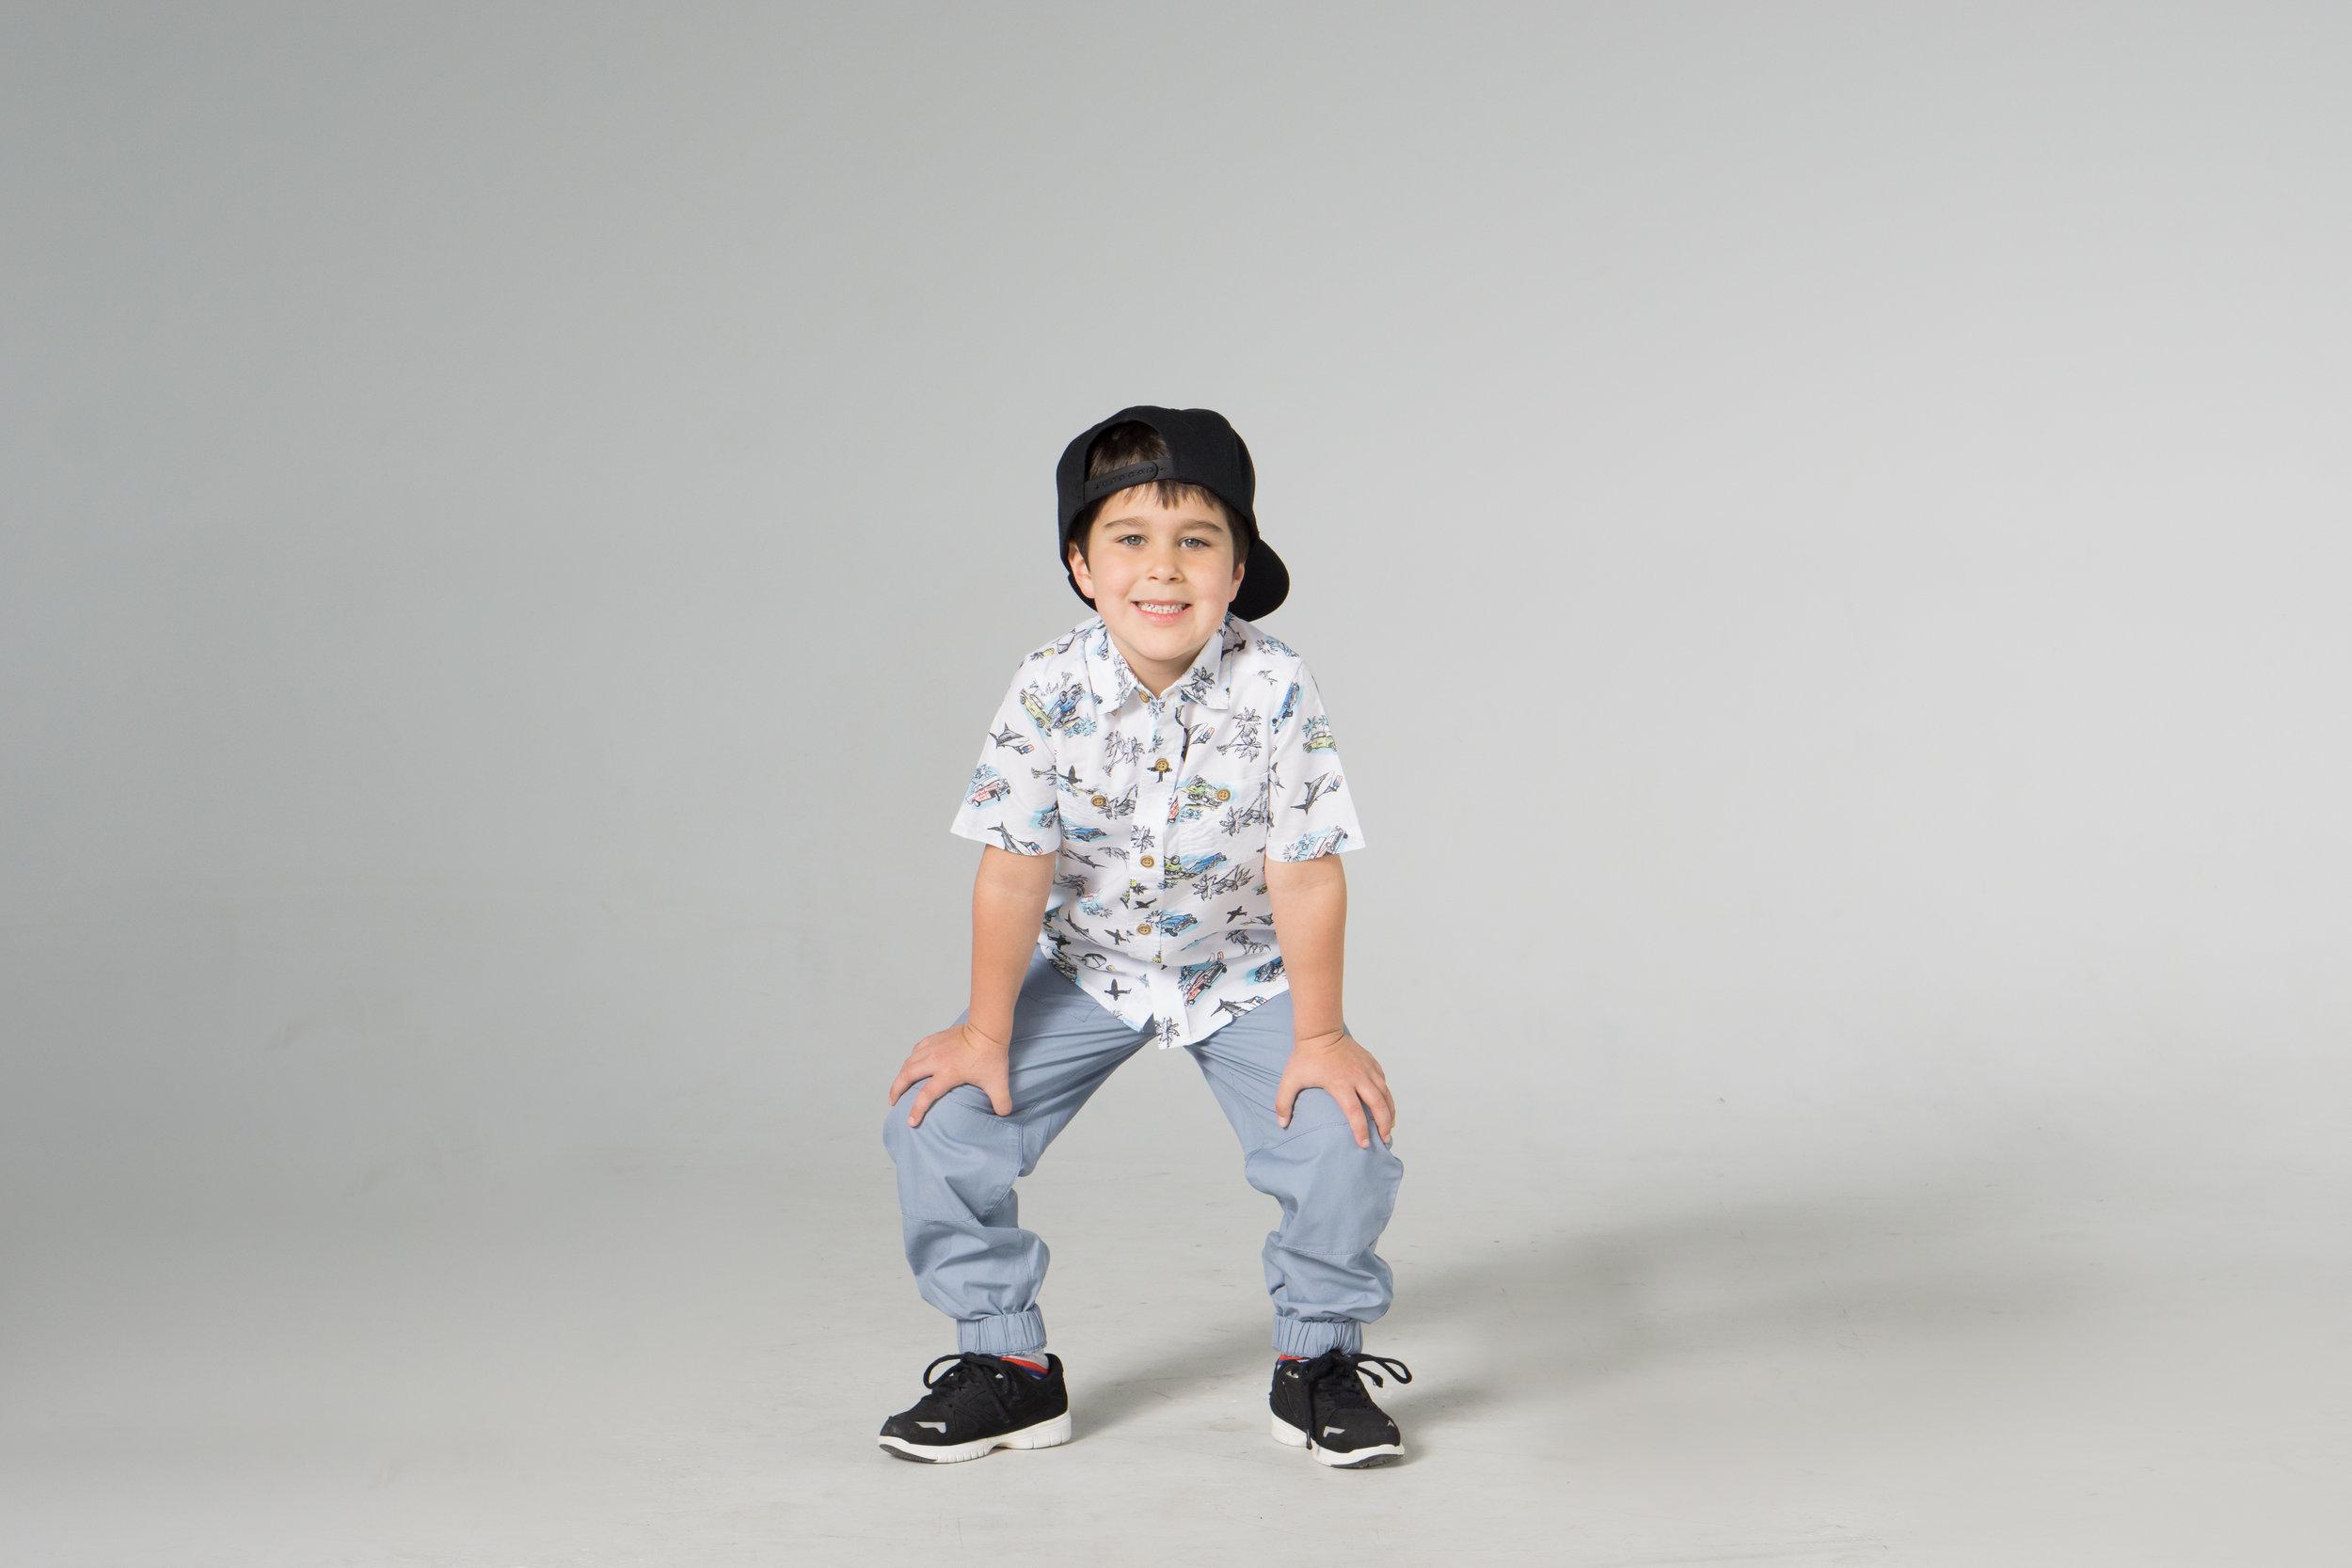 young boy looking happy in hip hop